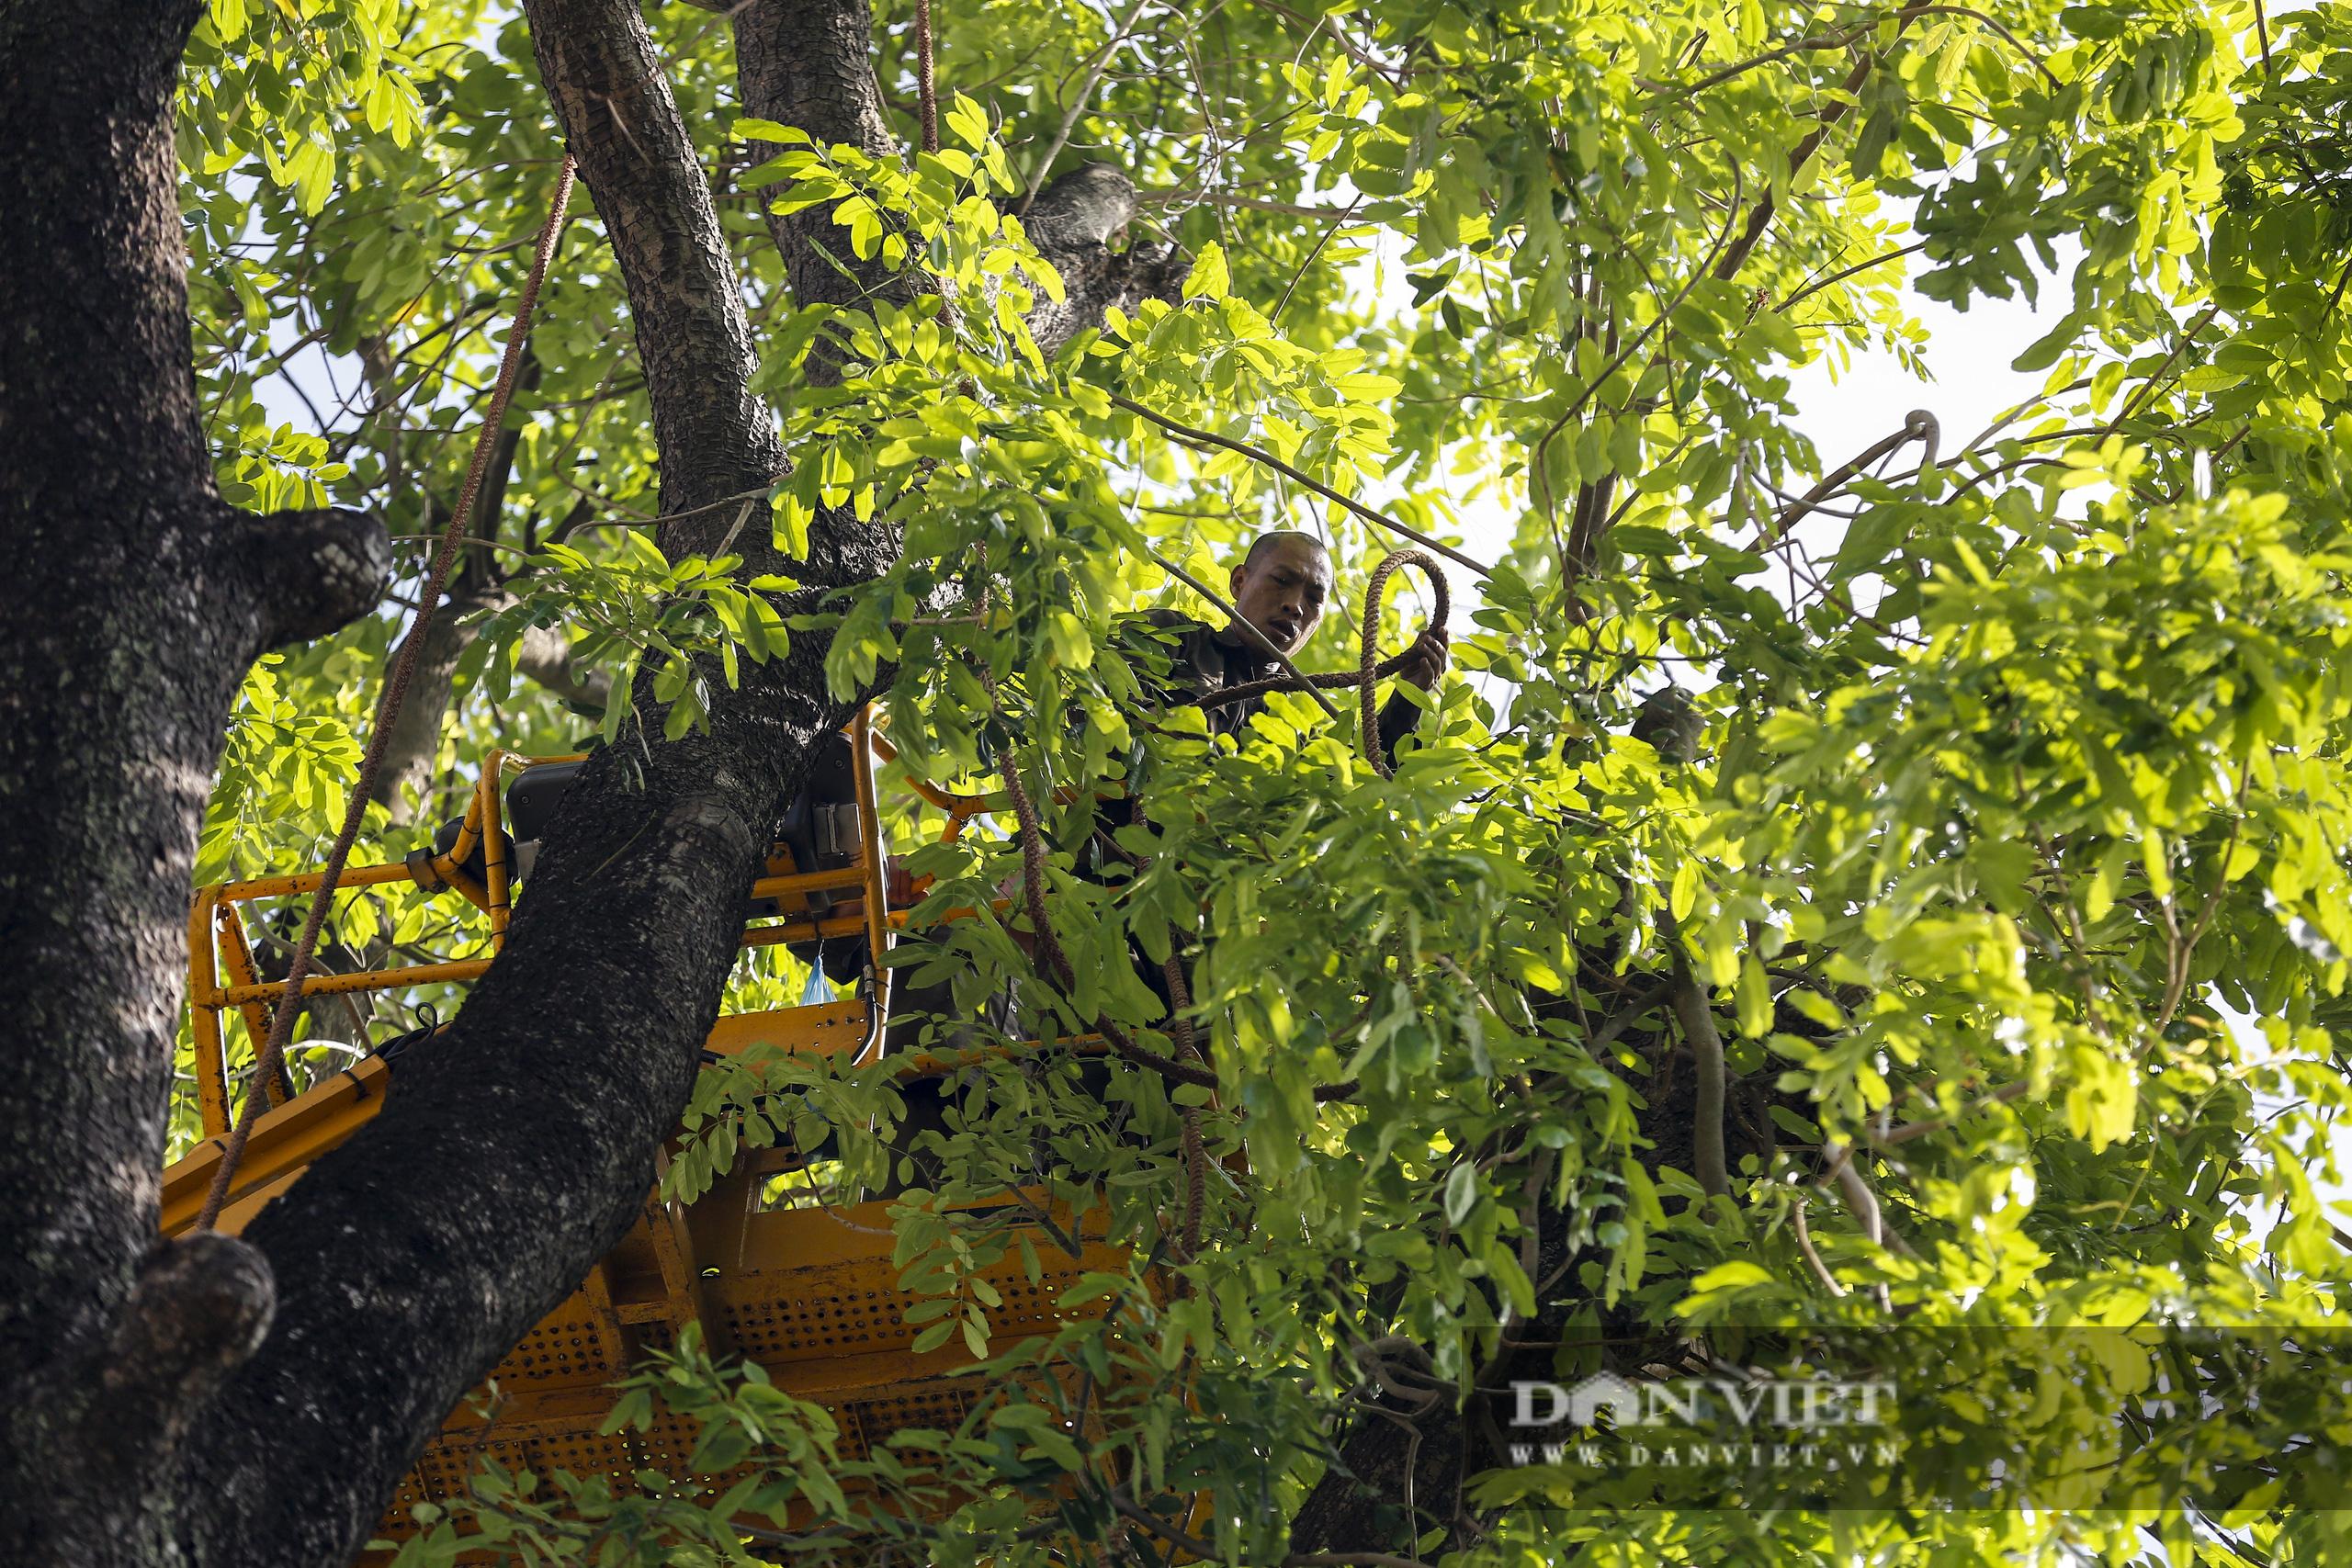 Hà Nội: Dùng xe nâng người dài 26 mét cắt tỉa hơn 20.000 cây nguy hiểm - Ảnh 5.